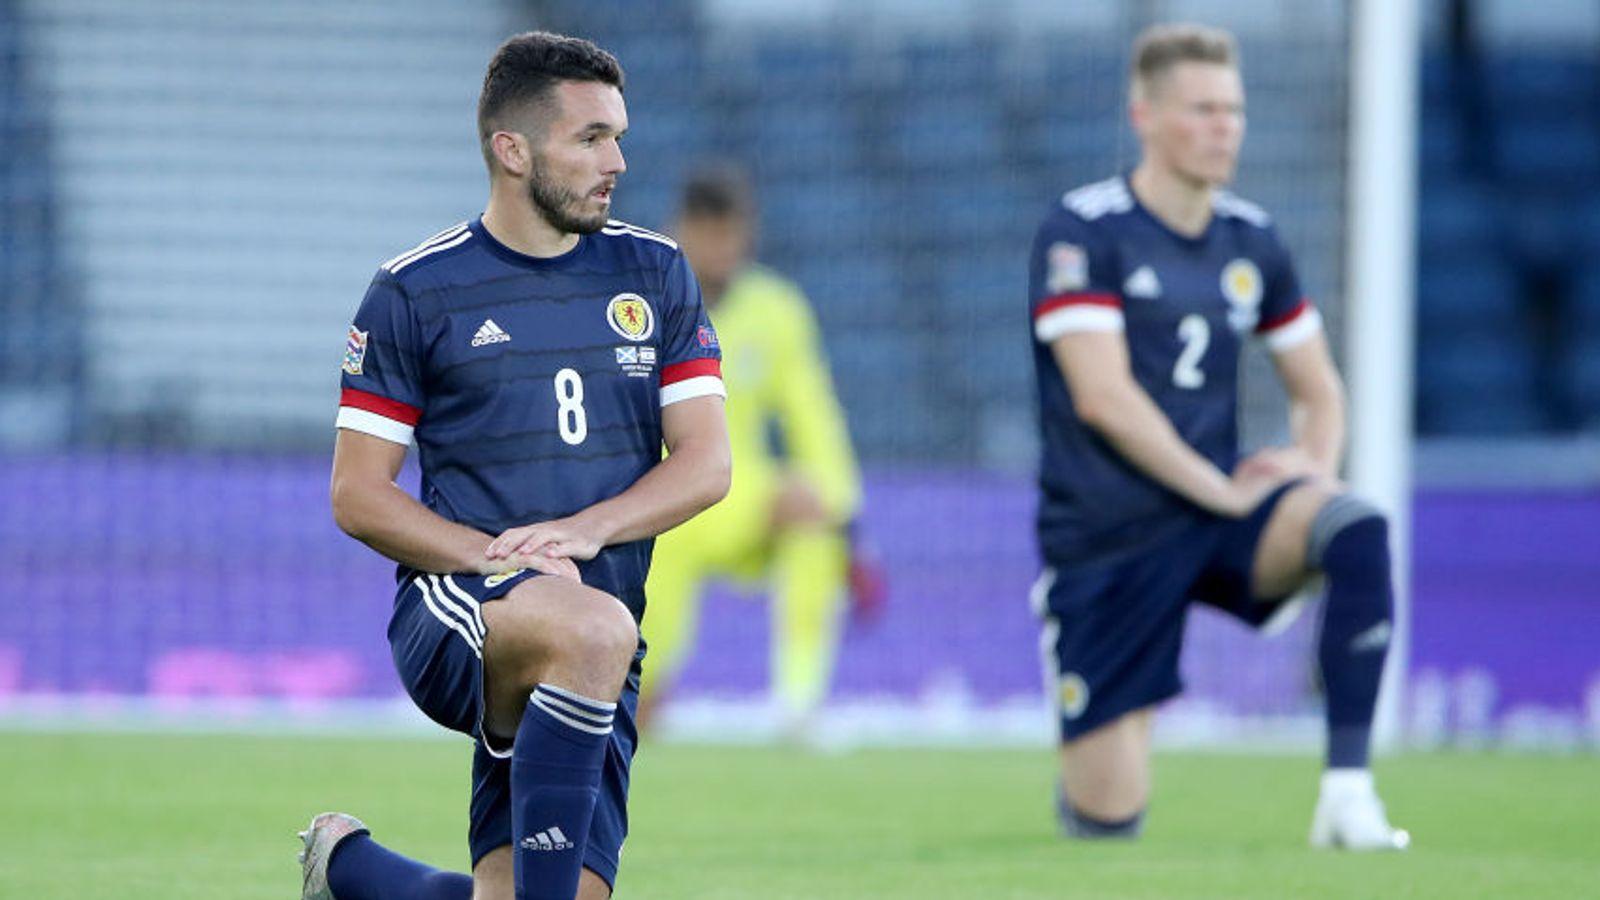 Οι Σκωτσέζοι θα γονατίσουν με τους Άγγλους στην βρετανική τους κόντρα